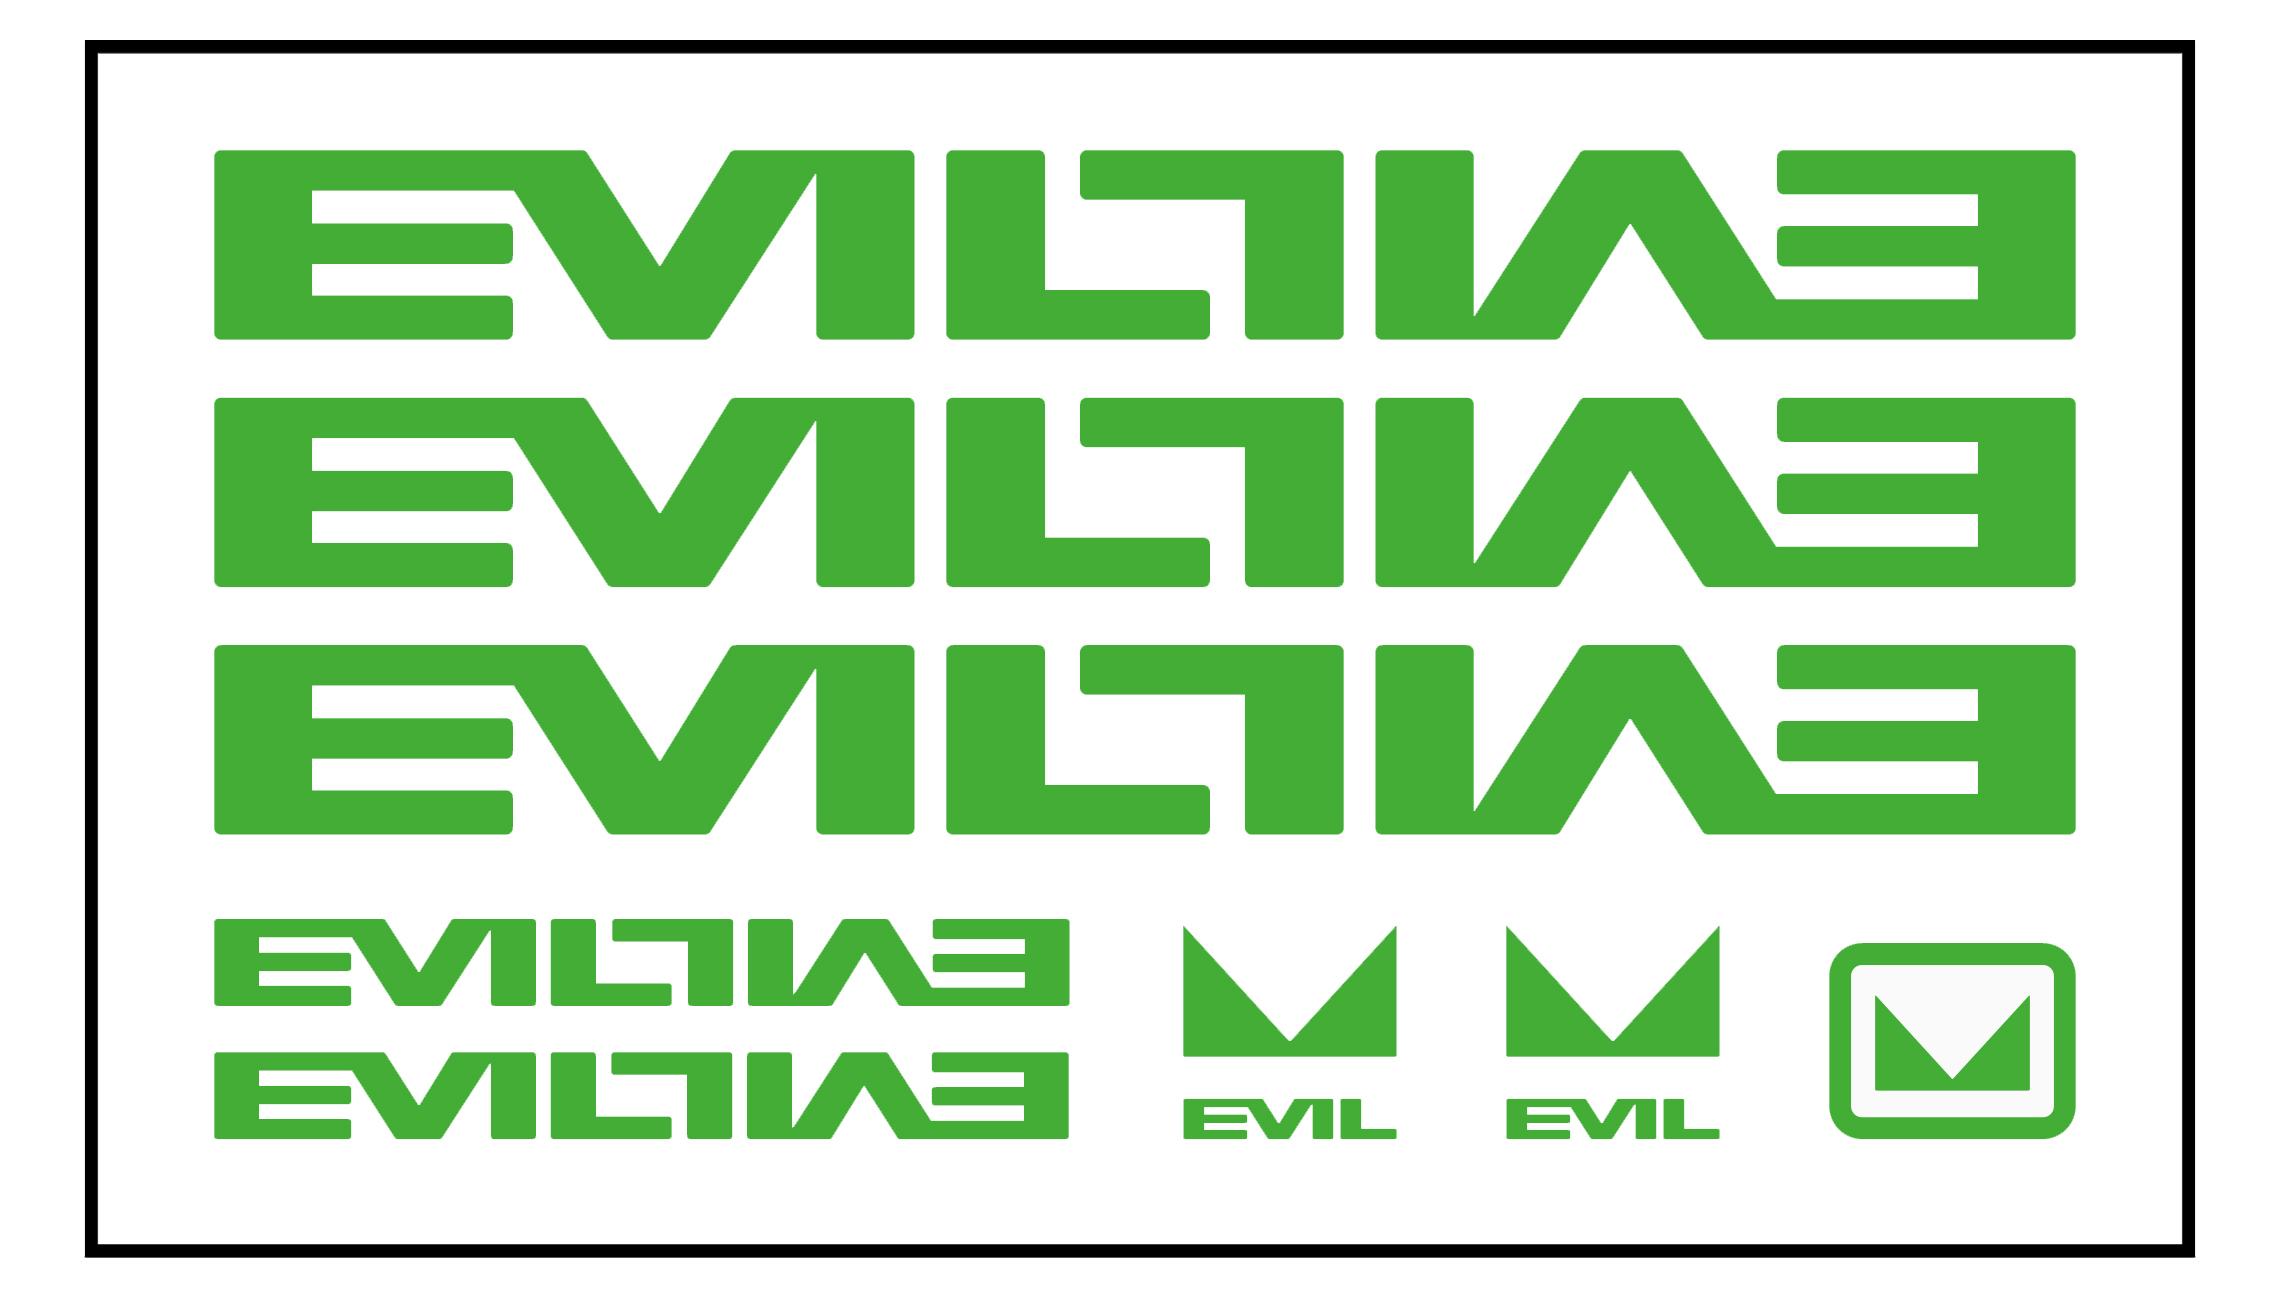 Evil frame decal kit